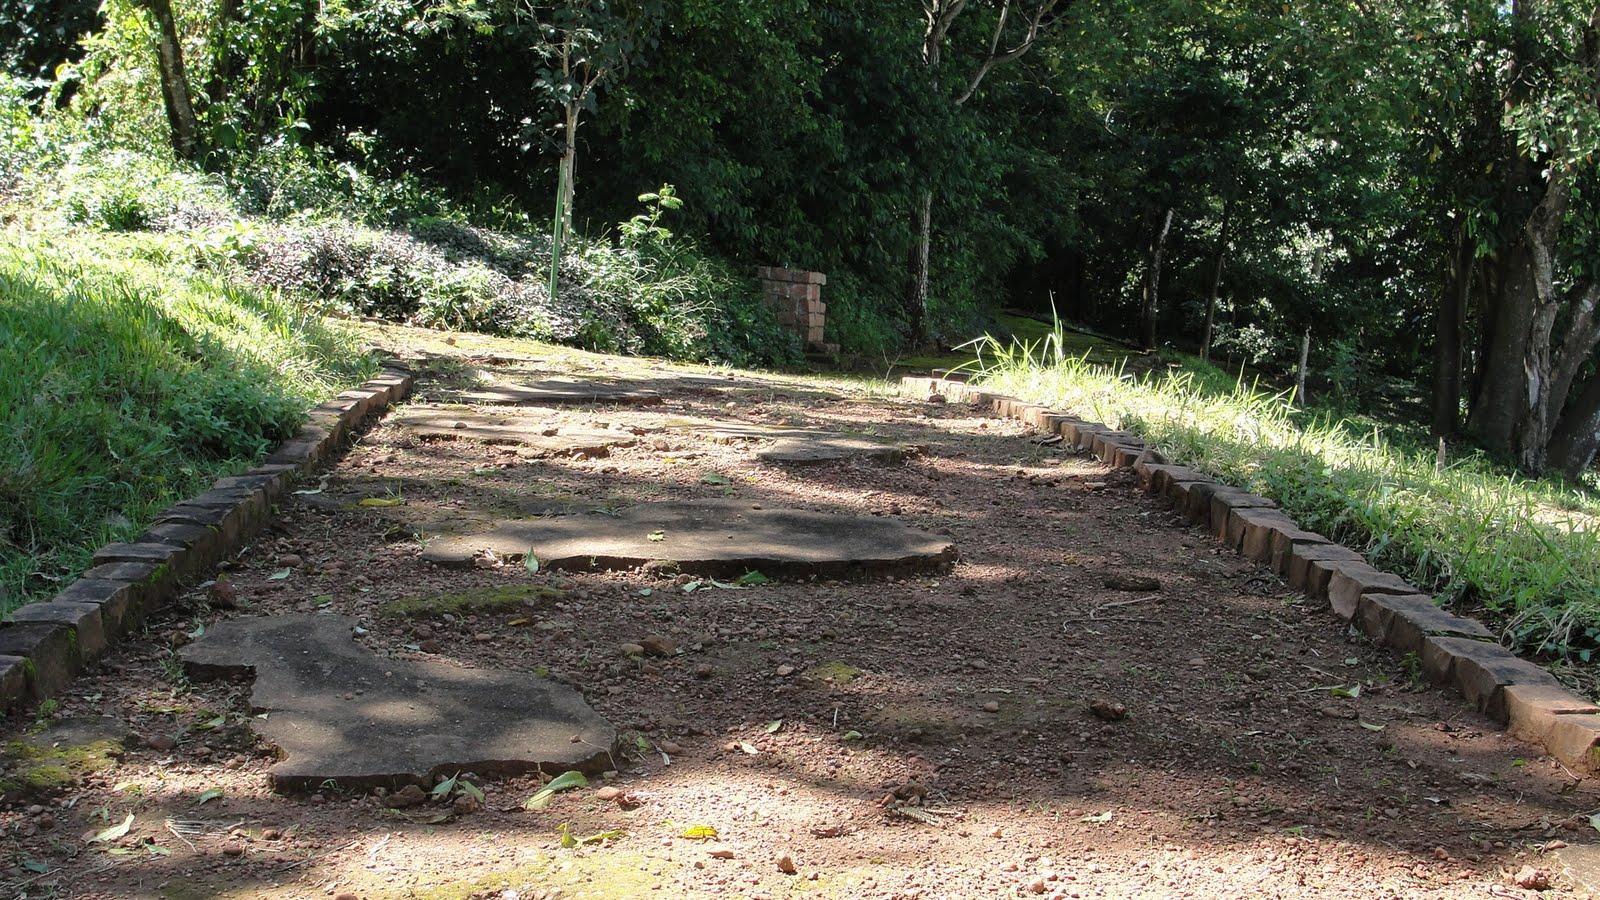 Imagens do Dia: ZOO Parque Jacarandá (Zoológico continua abandonado) #907B3B 1600 900